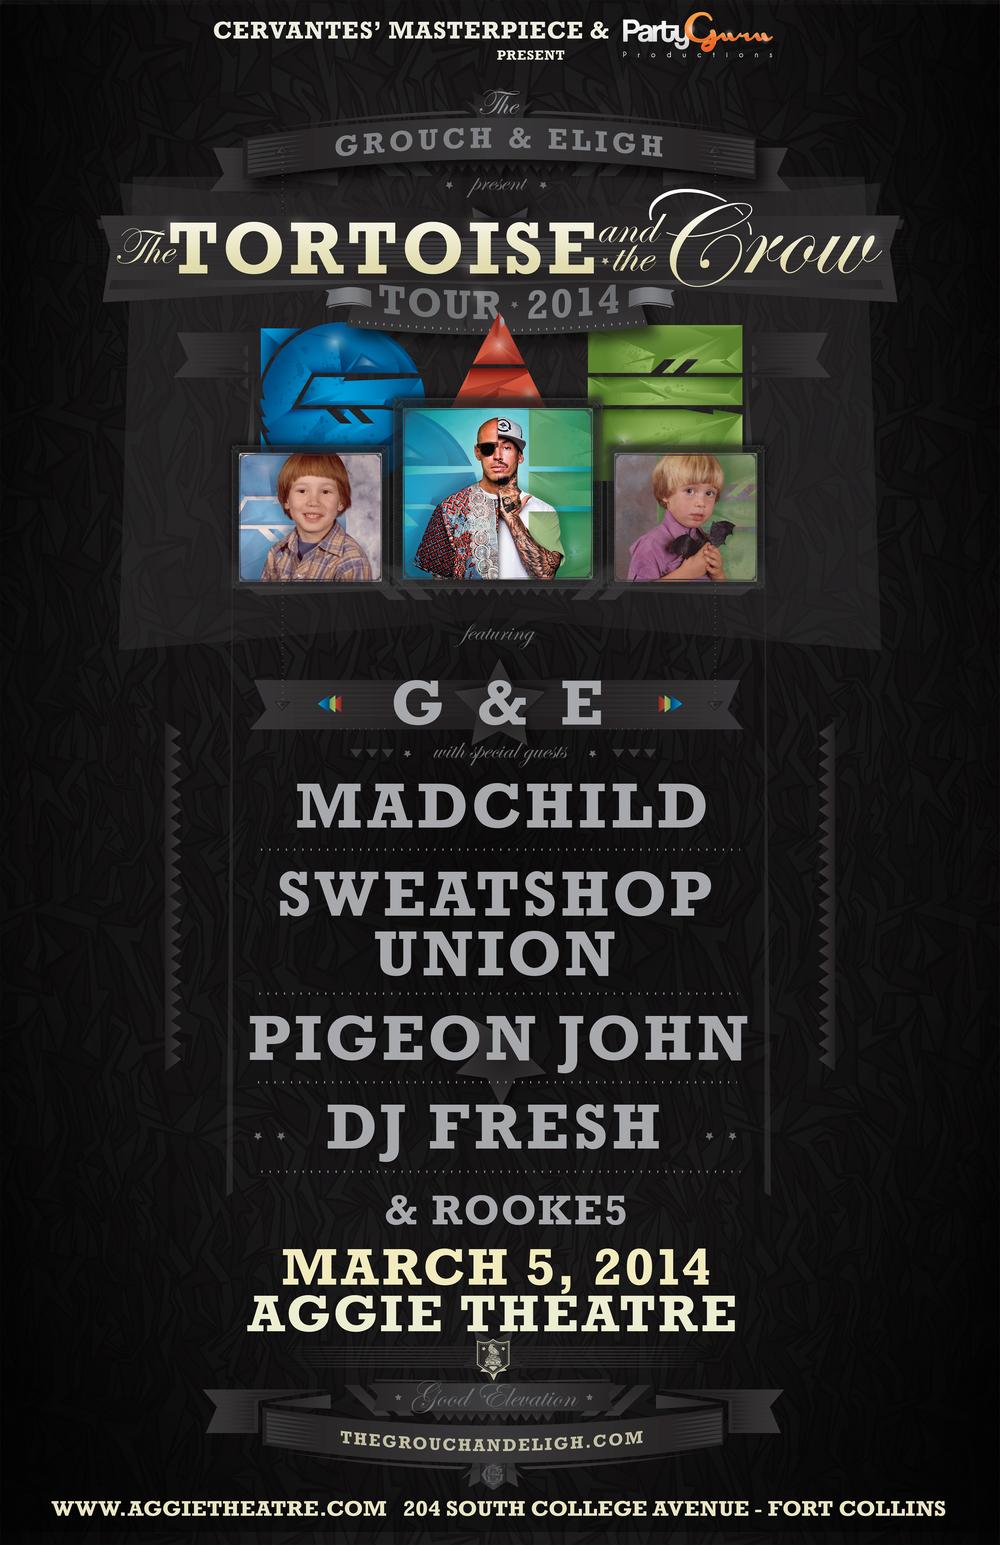 2014-03-05 - Grouch & Eligh Aggie.jpg